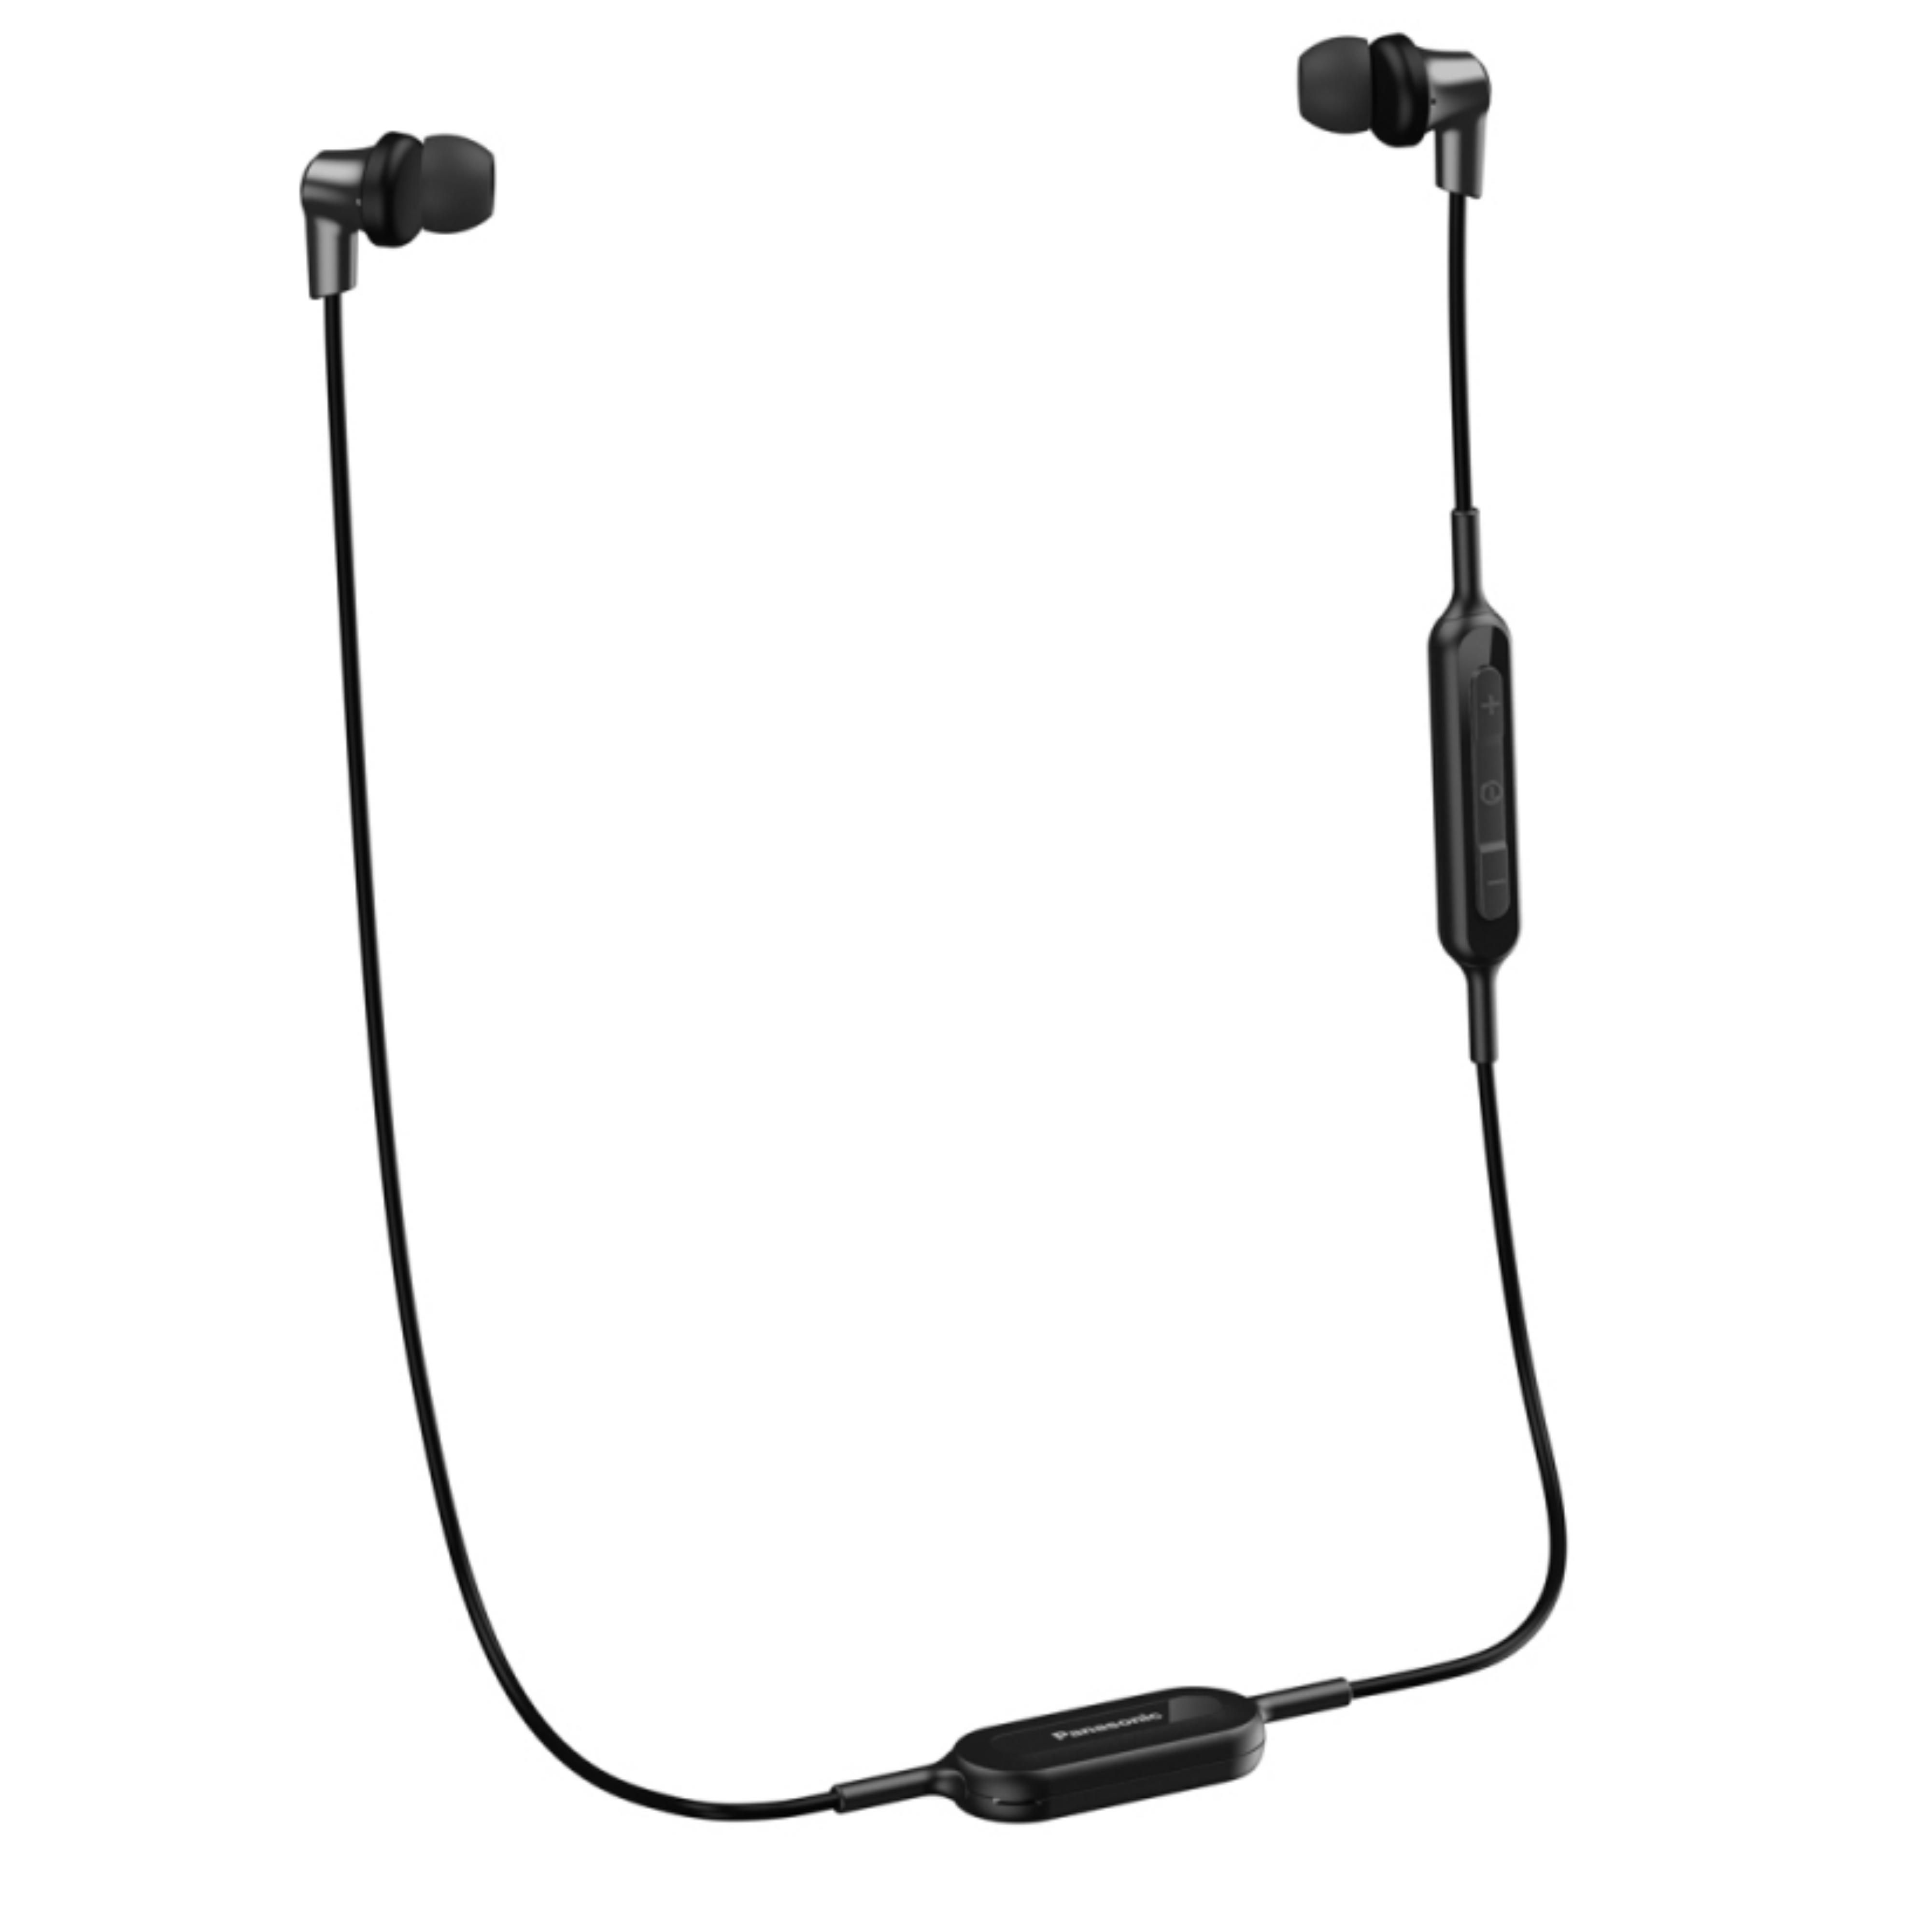 Panasonic RPNJ300BEK Wireless Ergo-Fit Bluetooth Earphone|9mm Drive|In Ear|Black